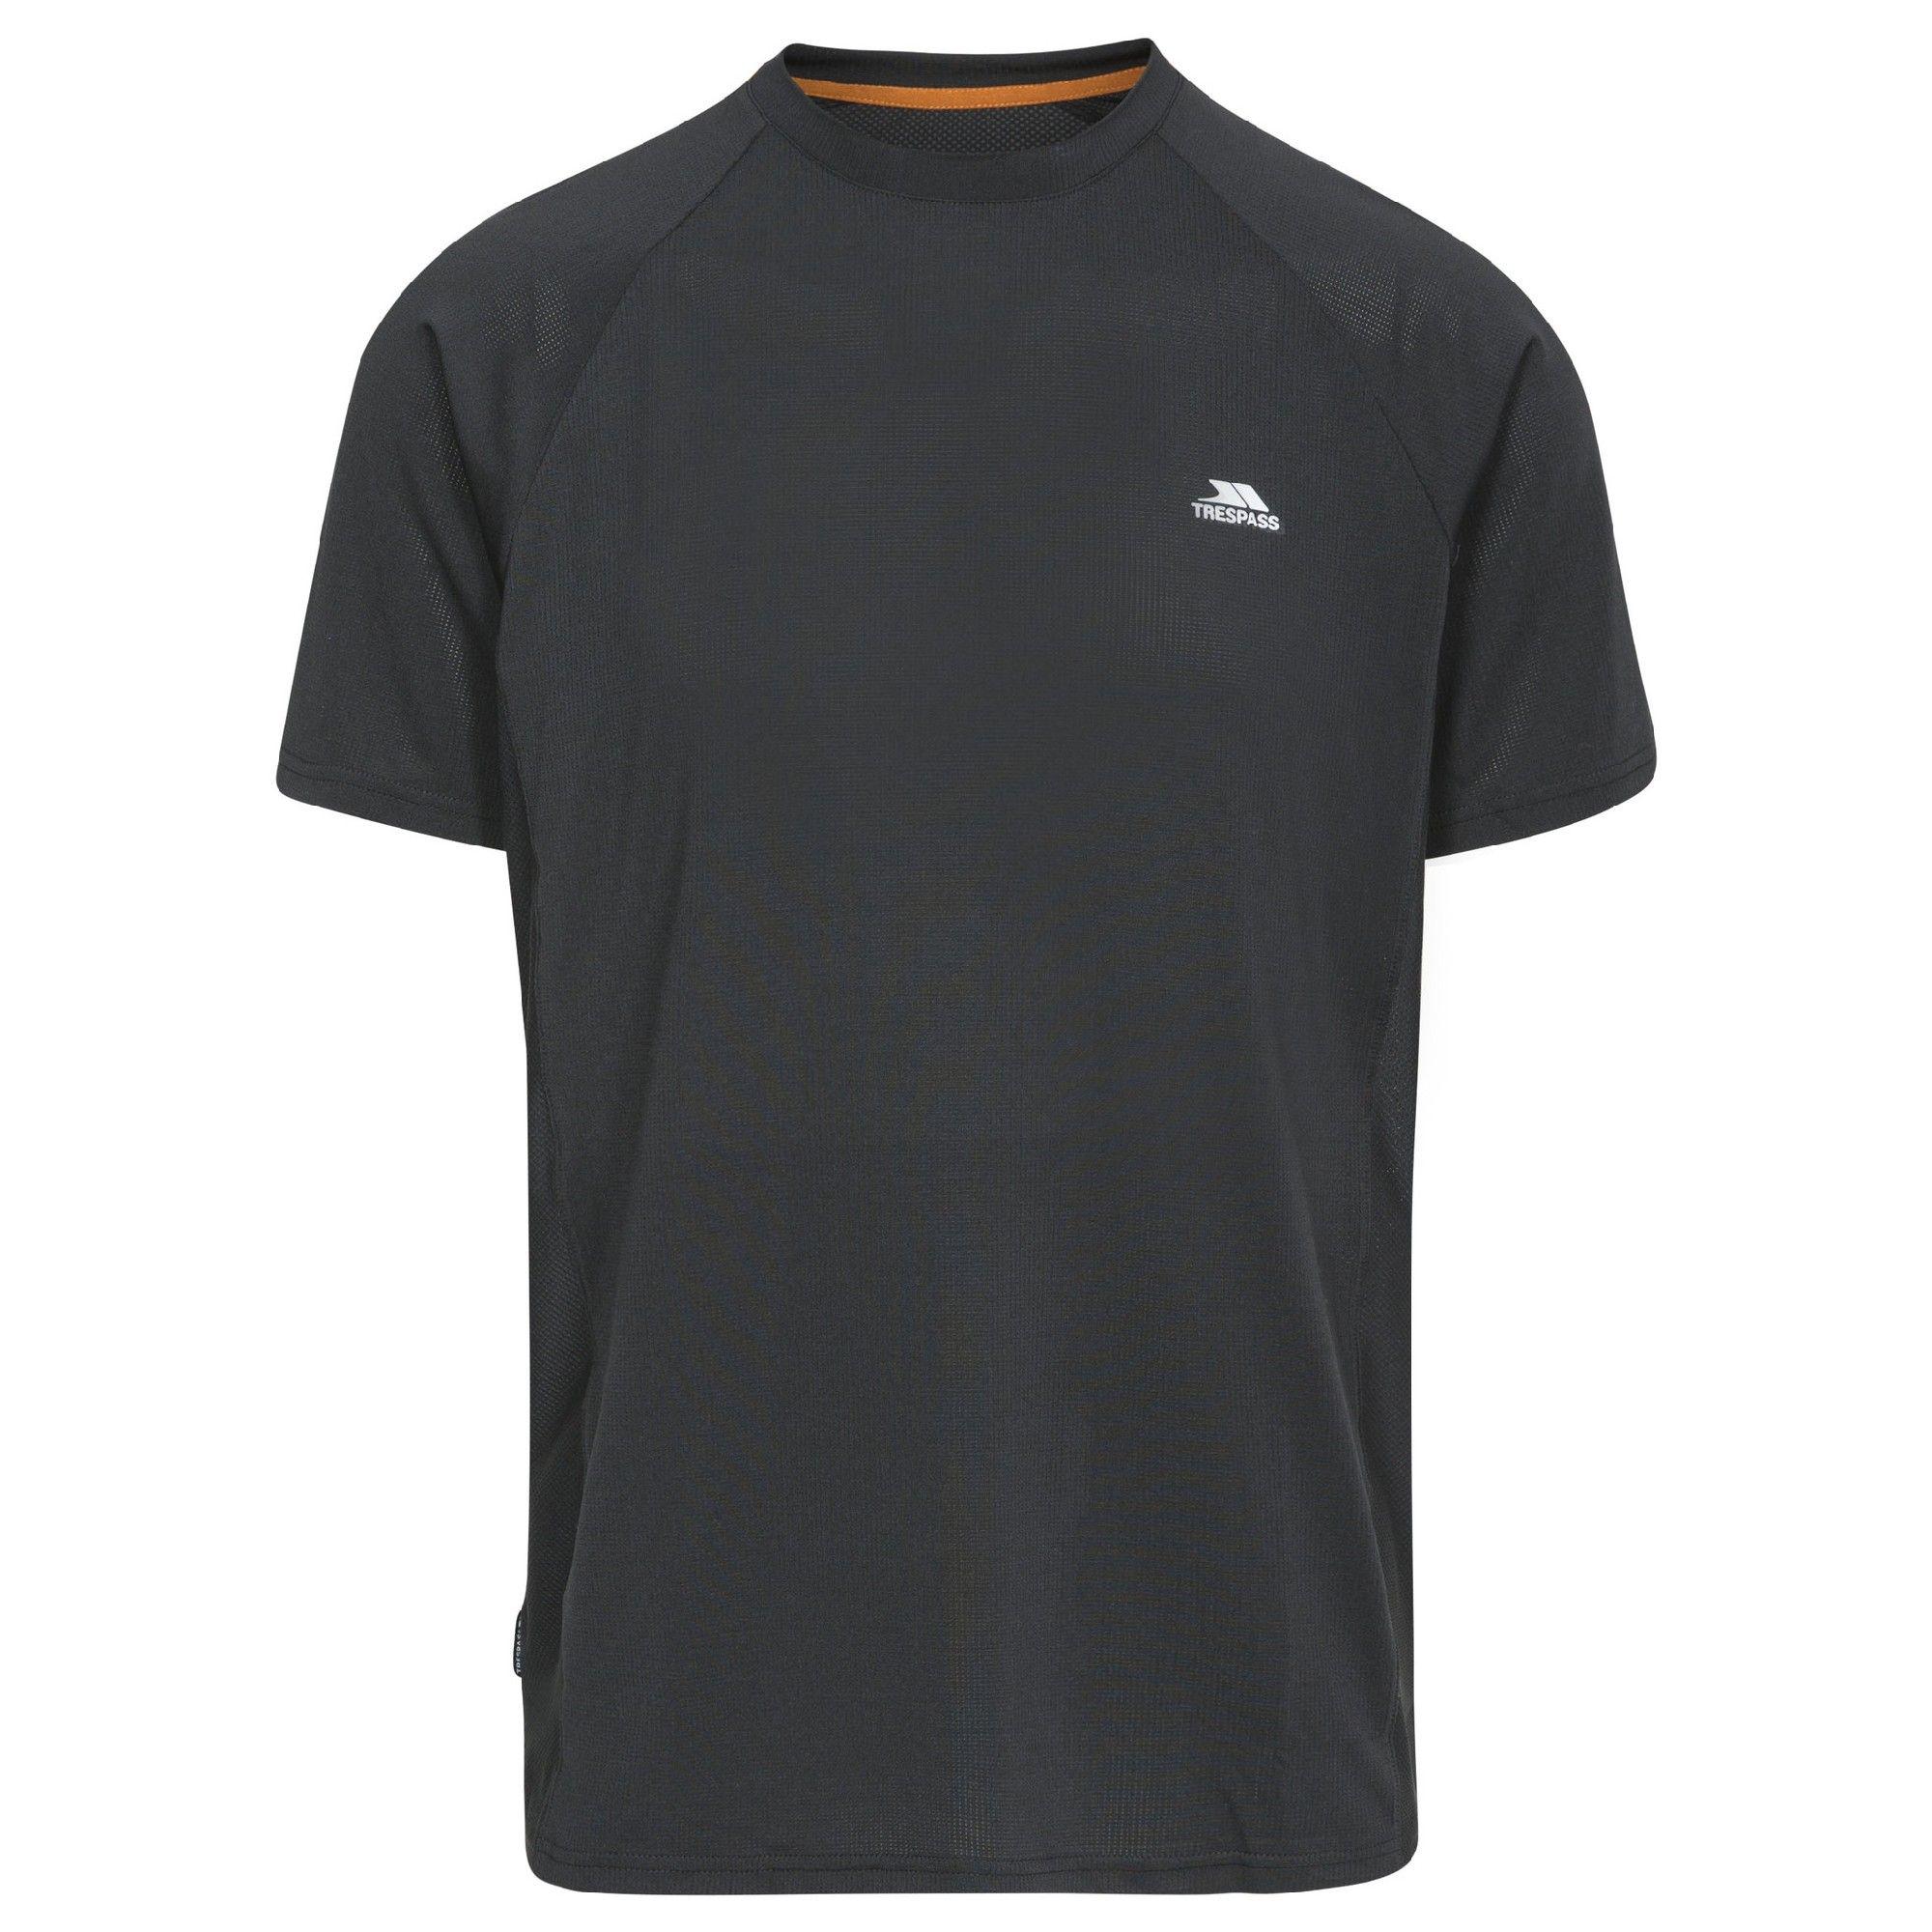 Trespass Mens Cacama Duoskin Active T-Shirt